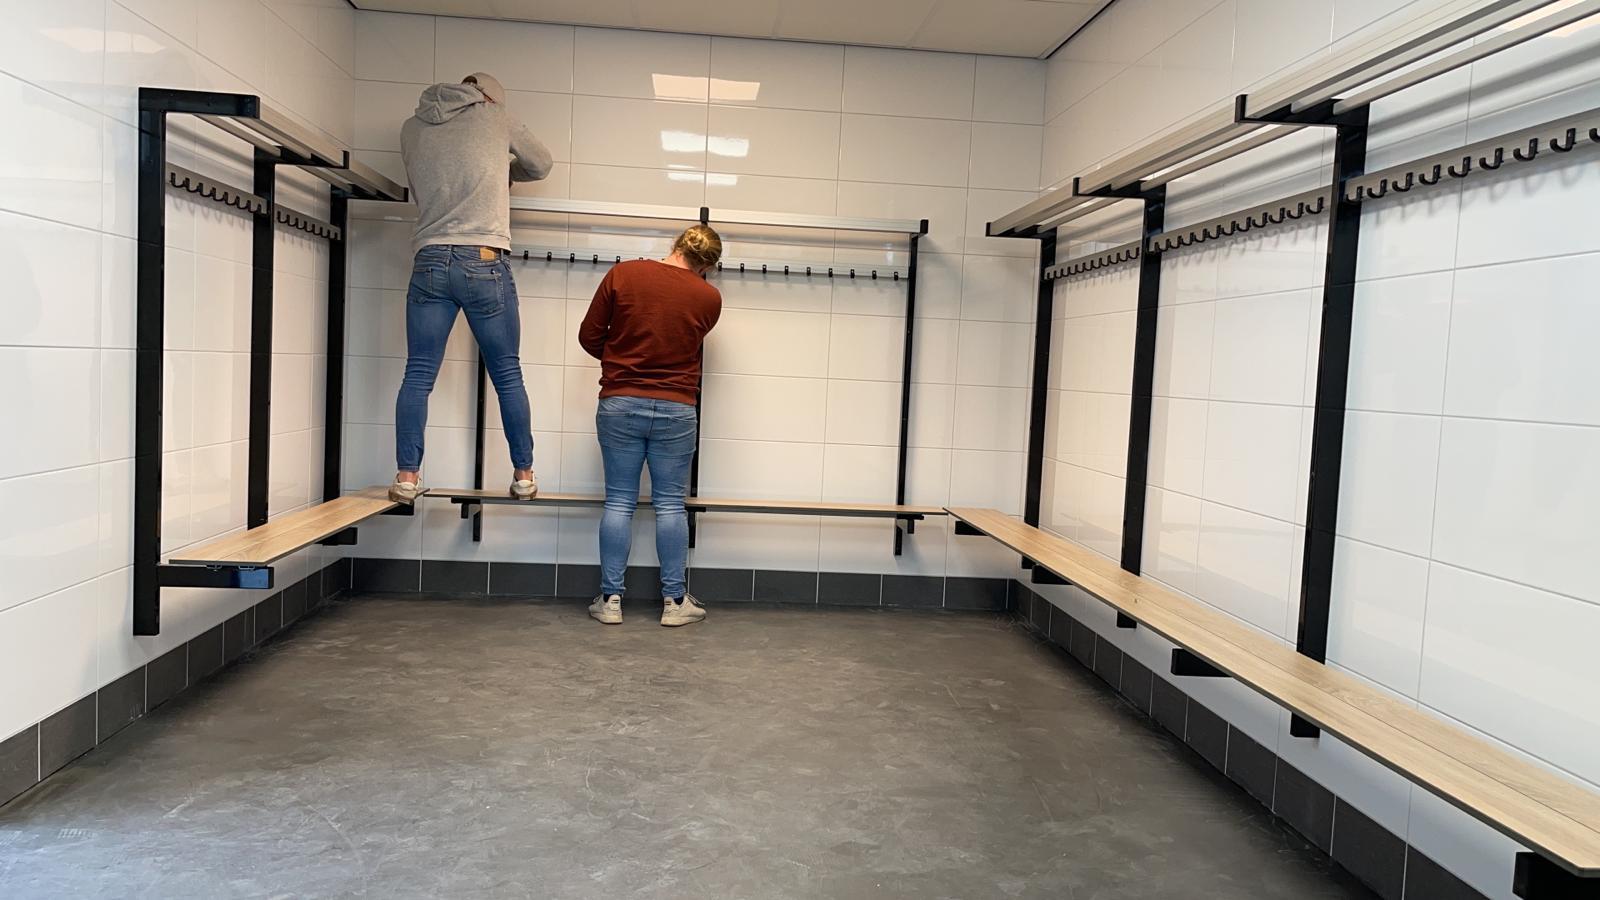 Kleedkamer renovatie in volle gang